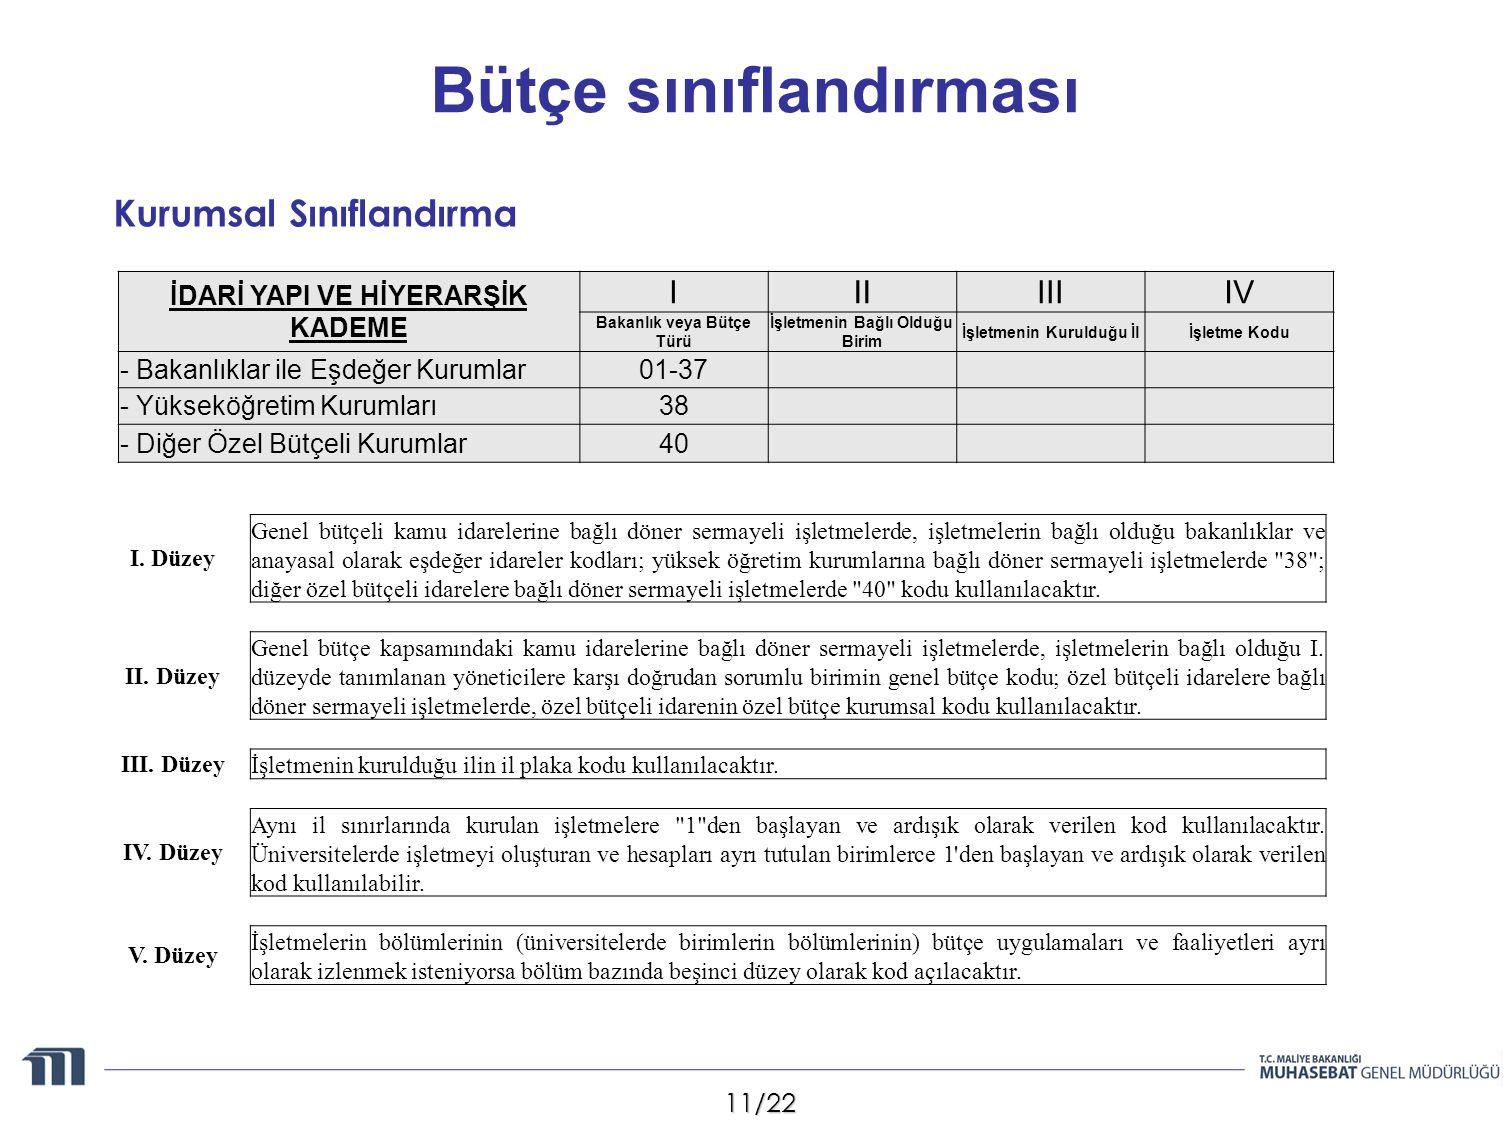 11/22 Bütçe sınıflandırması I. Düzey Genel bütçeli kamu idarelerine bağlı döner sermayeli işletmelerde, işletmelerin bağlı olduğu bakanlıklar ve anaya